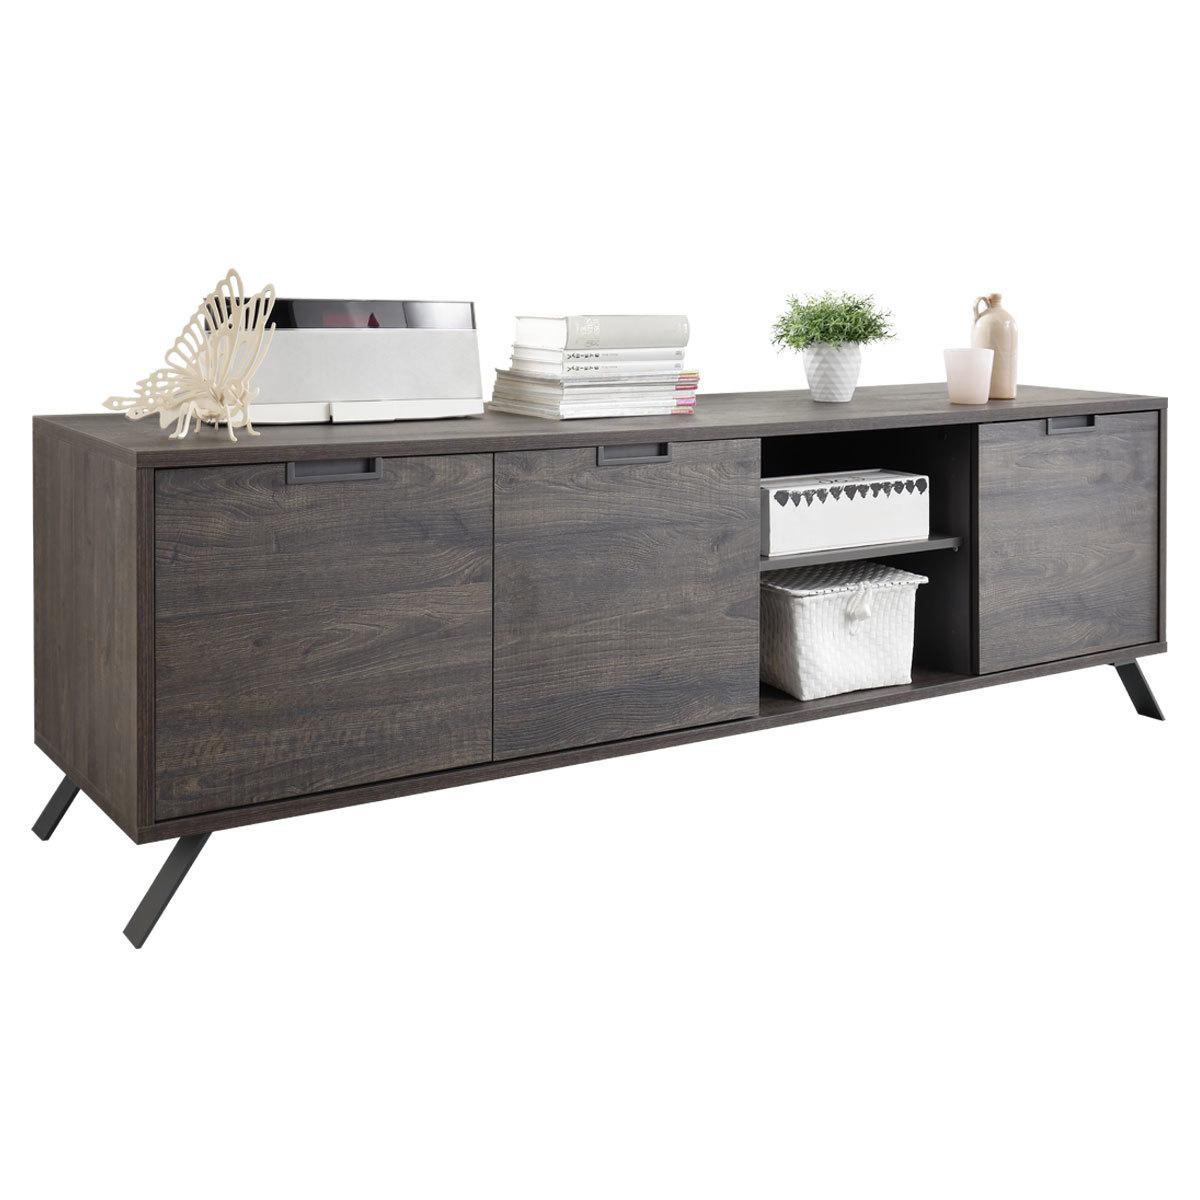 Buffet basso design 3 ante wengé ORIGIN